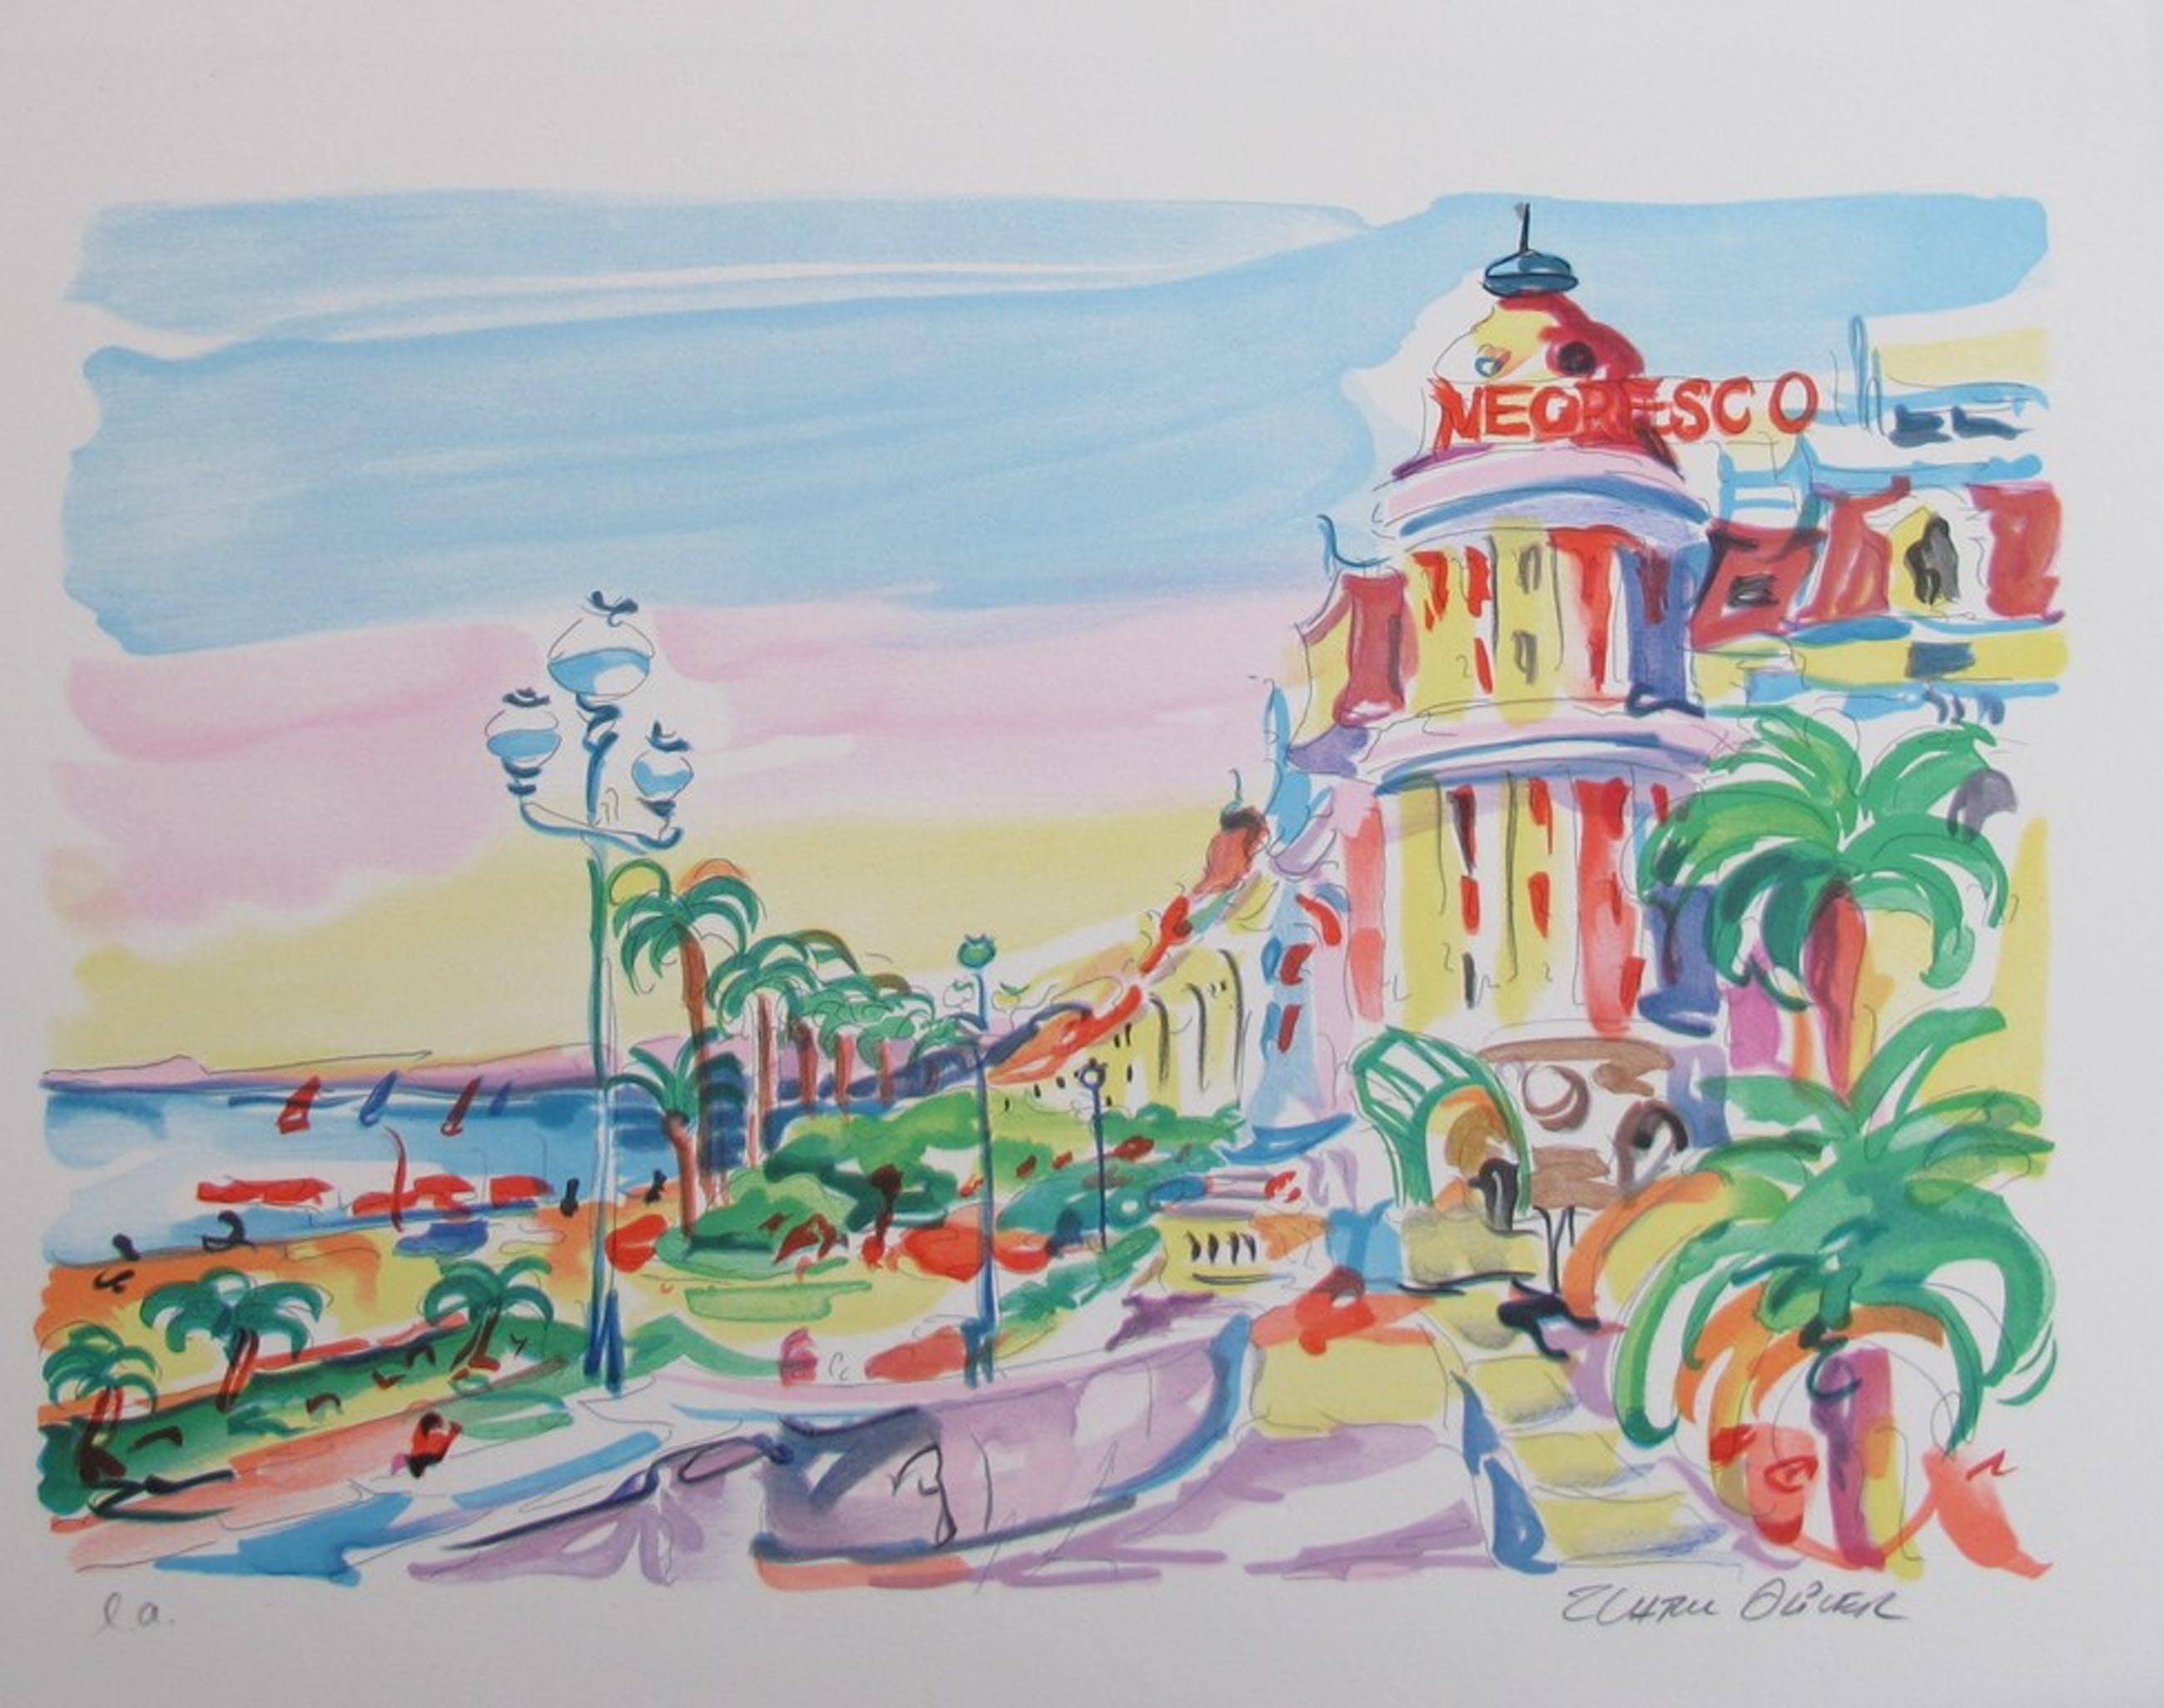 Zladku Oliver 'Nice' - kleurenlithografie, handgesigneerd kopen? Bied vanaf 29!